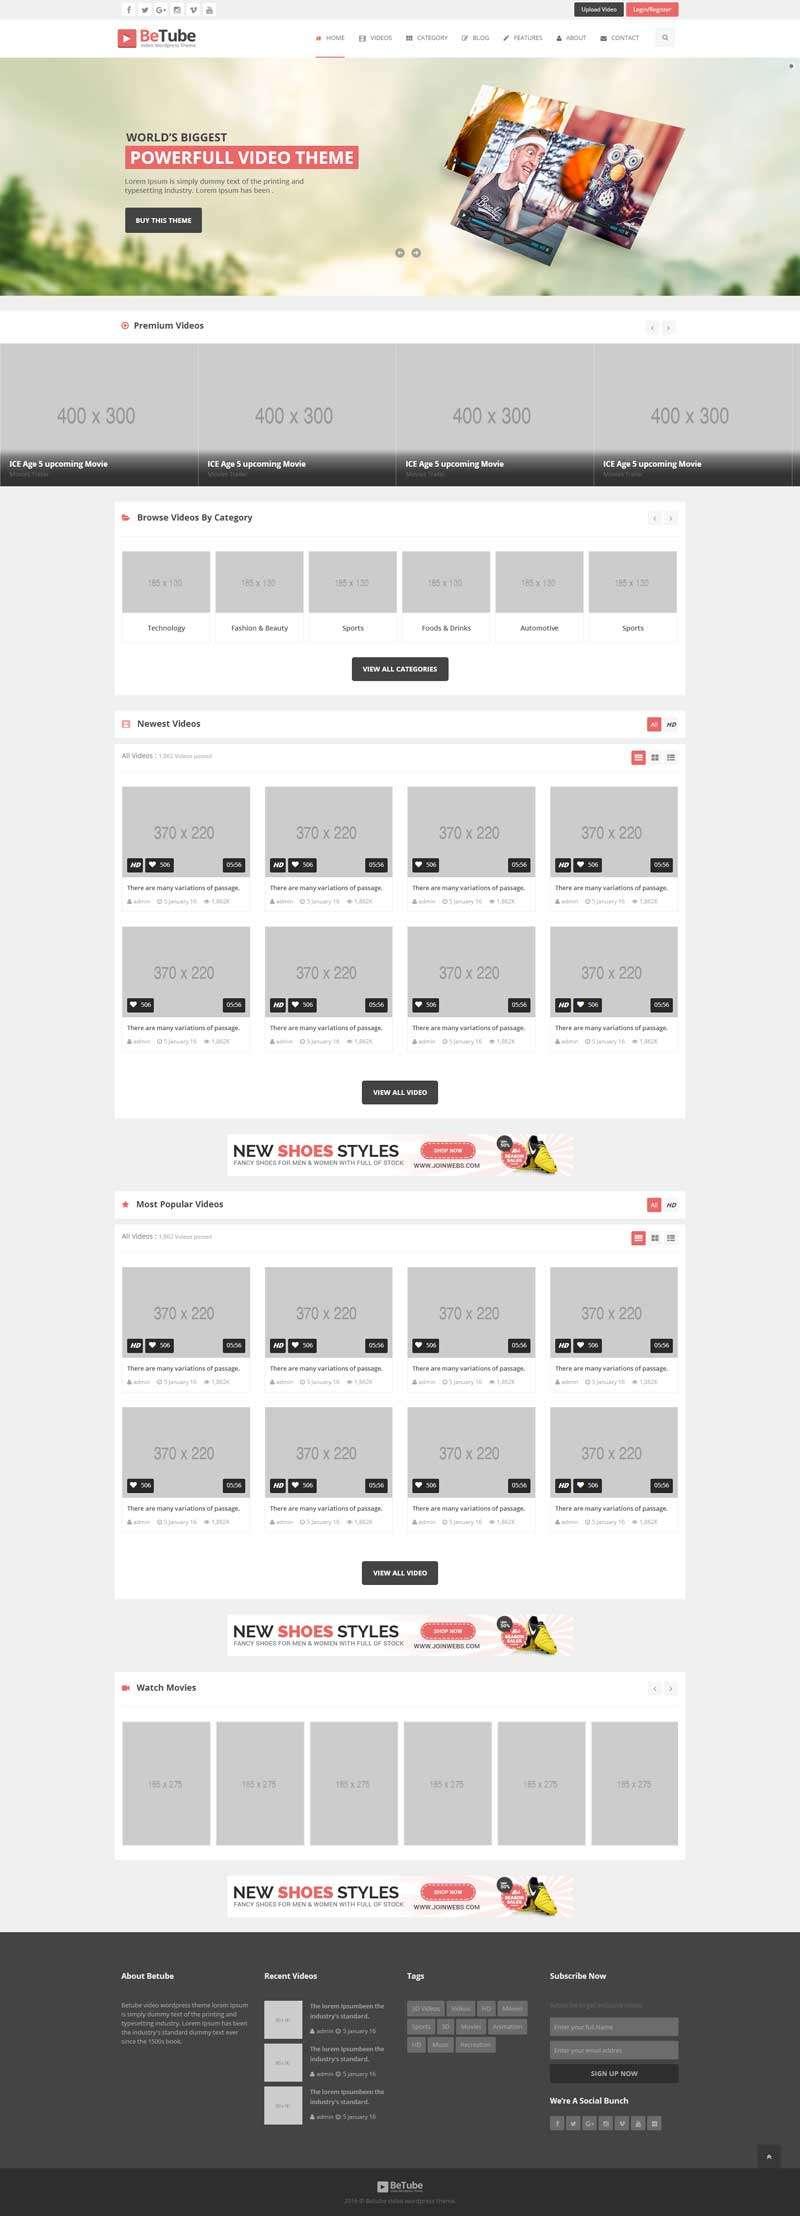 响应式的视频分享交流平台网站模板html整站